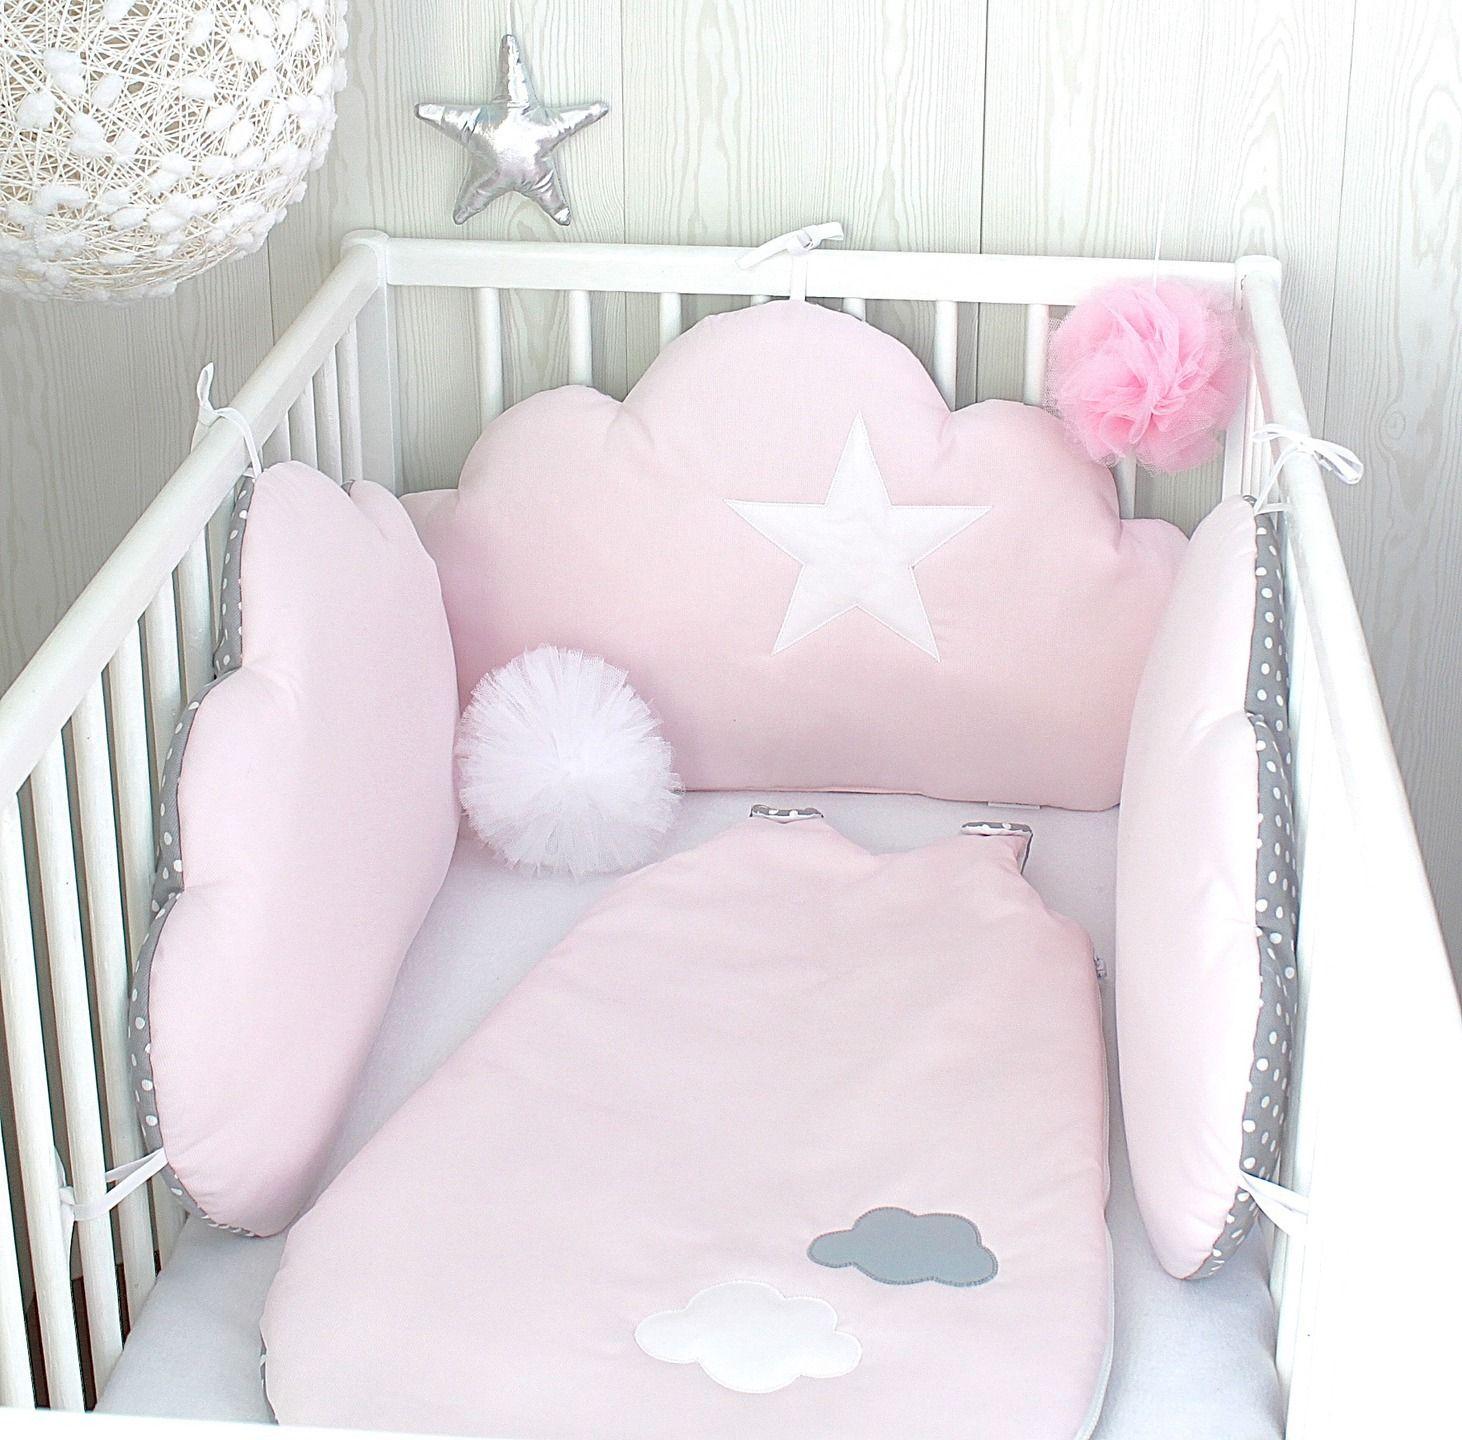 tour de lit b b nuages r versibles 3 grands coussins couleur rose tendre et gris pois. Black Bedroom Furniture Sets. Home Design Ideas